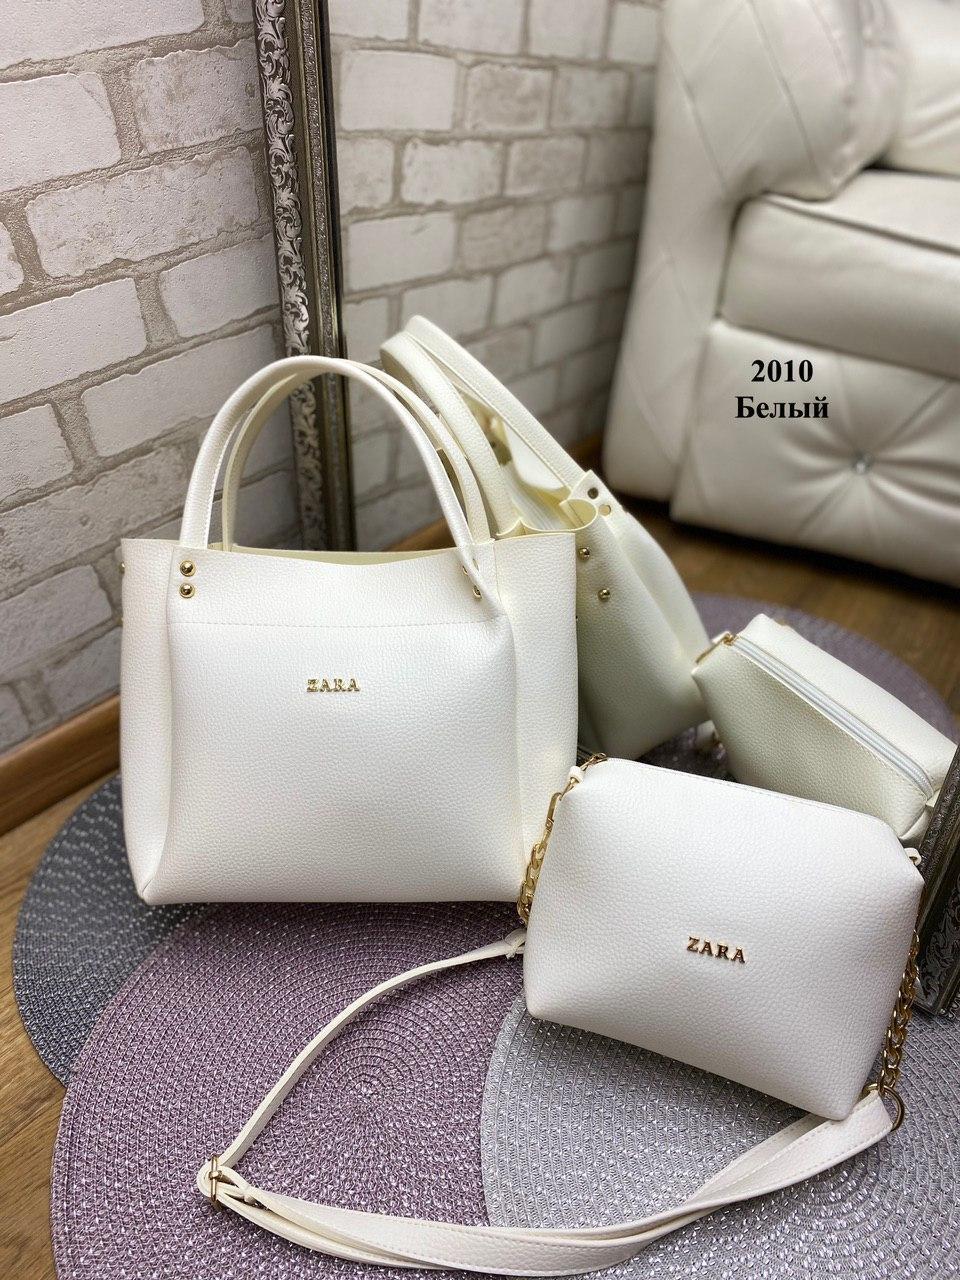 Женская сумочка+клатч Белая. Шикарная сумочка клатч Zara. Комплект женская сумка Zara Зара и клатч.